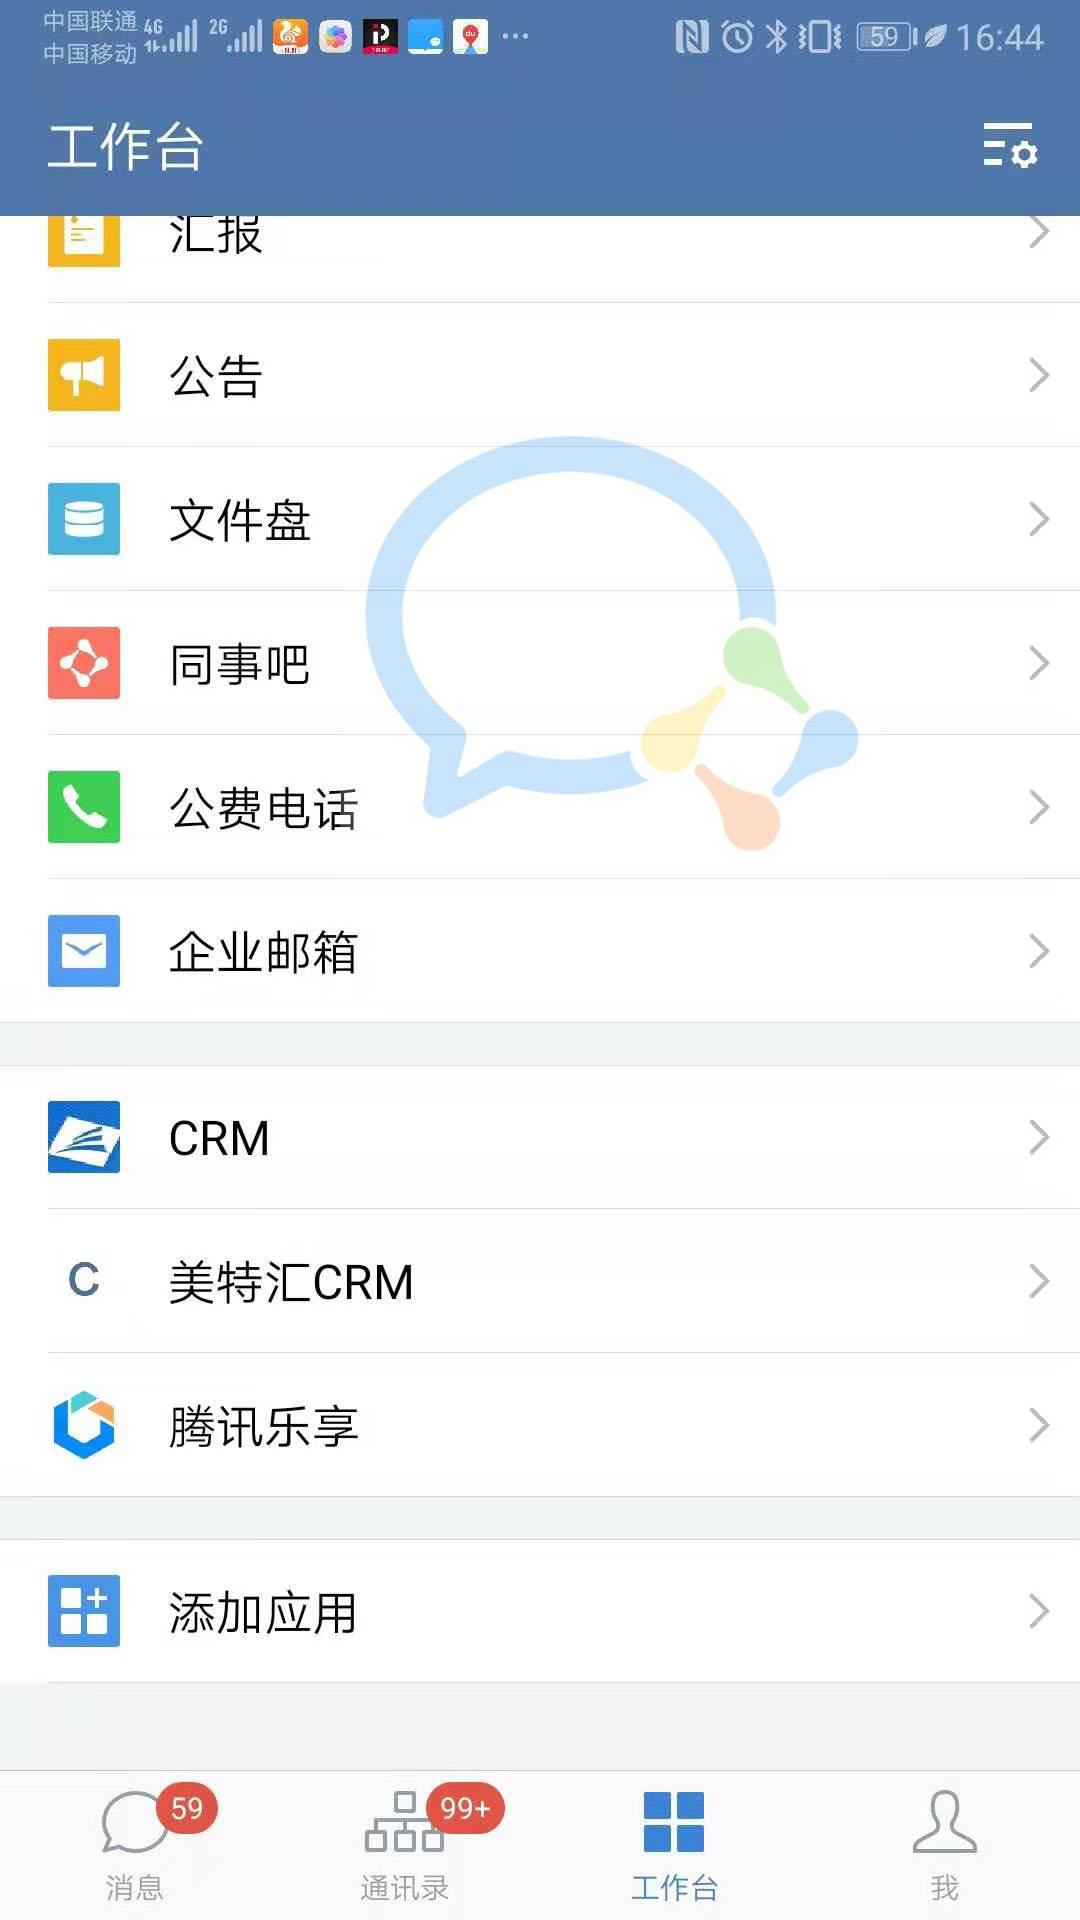 企业微信集成应用